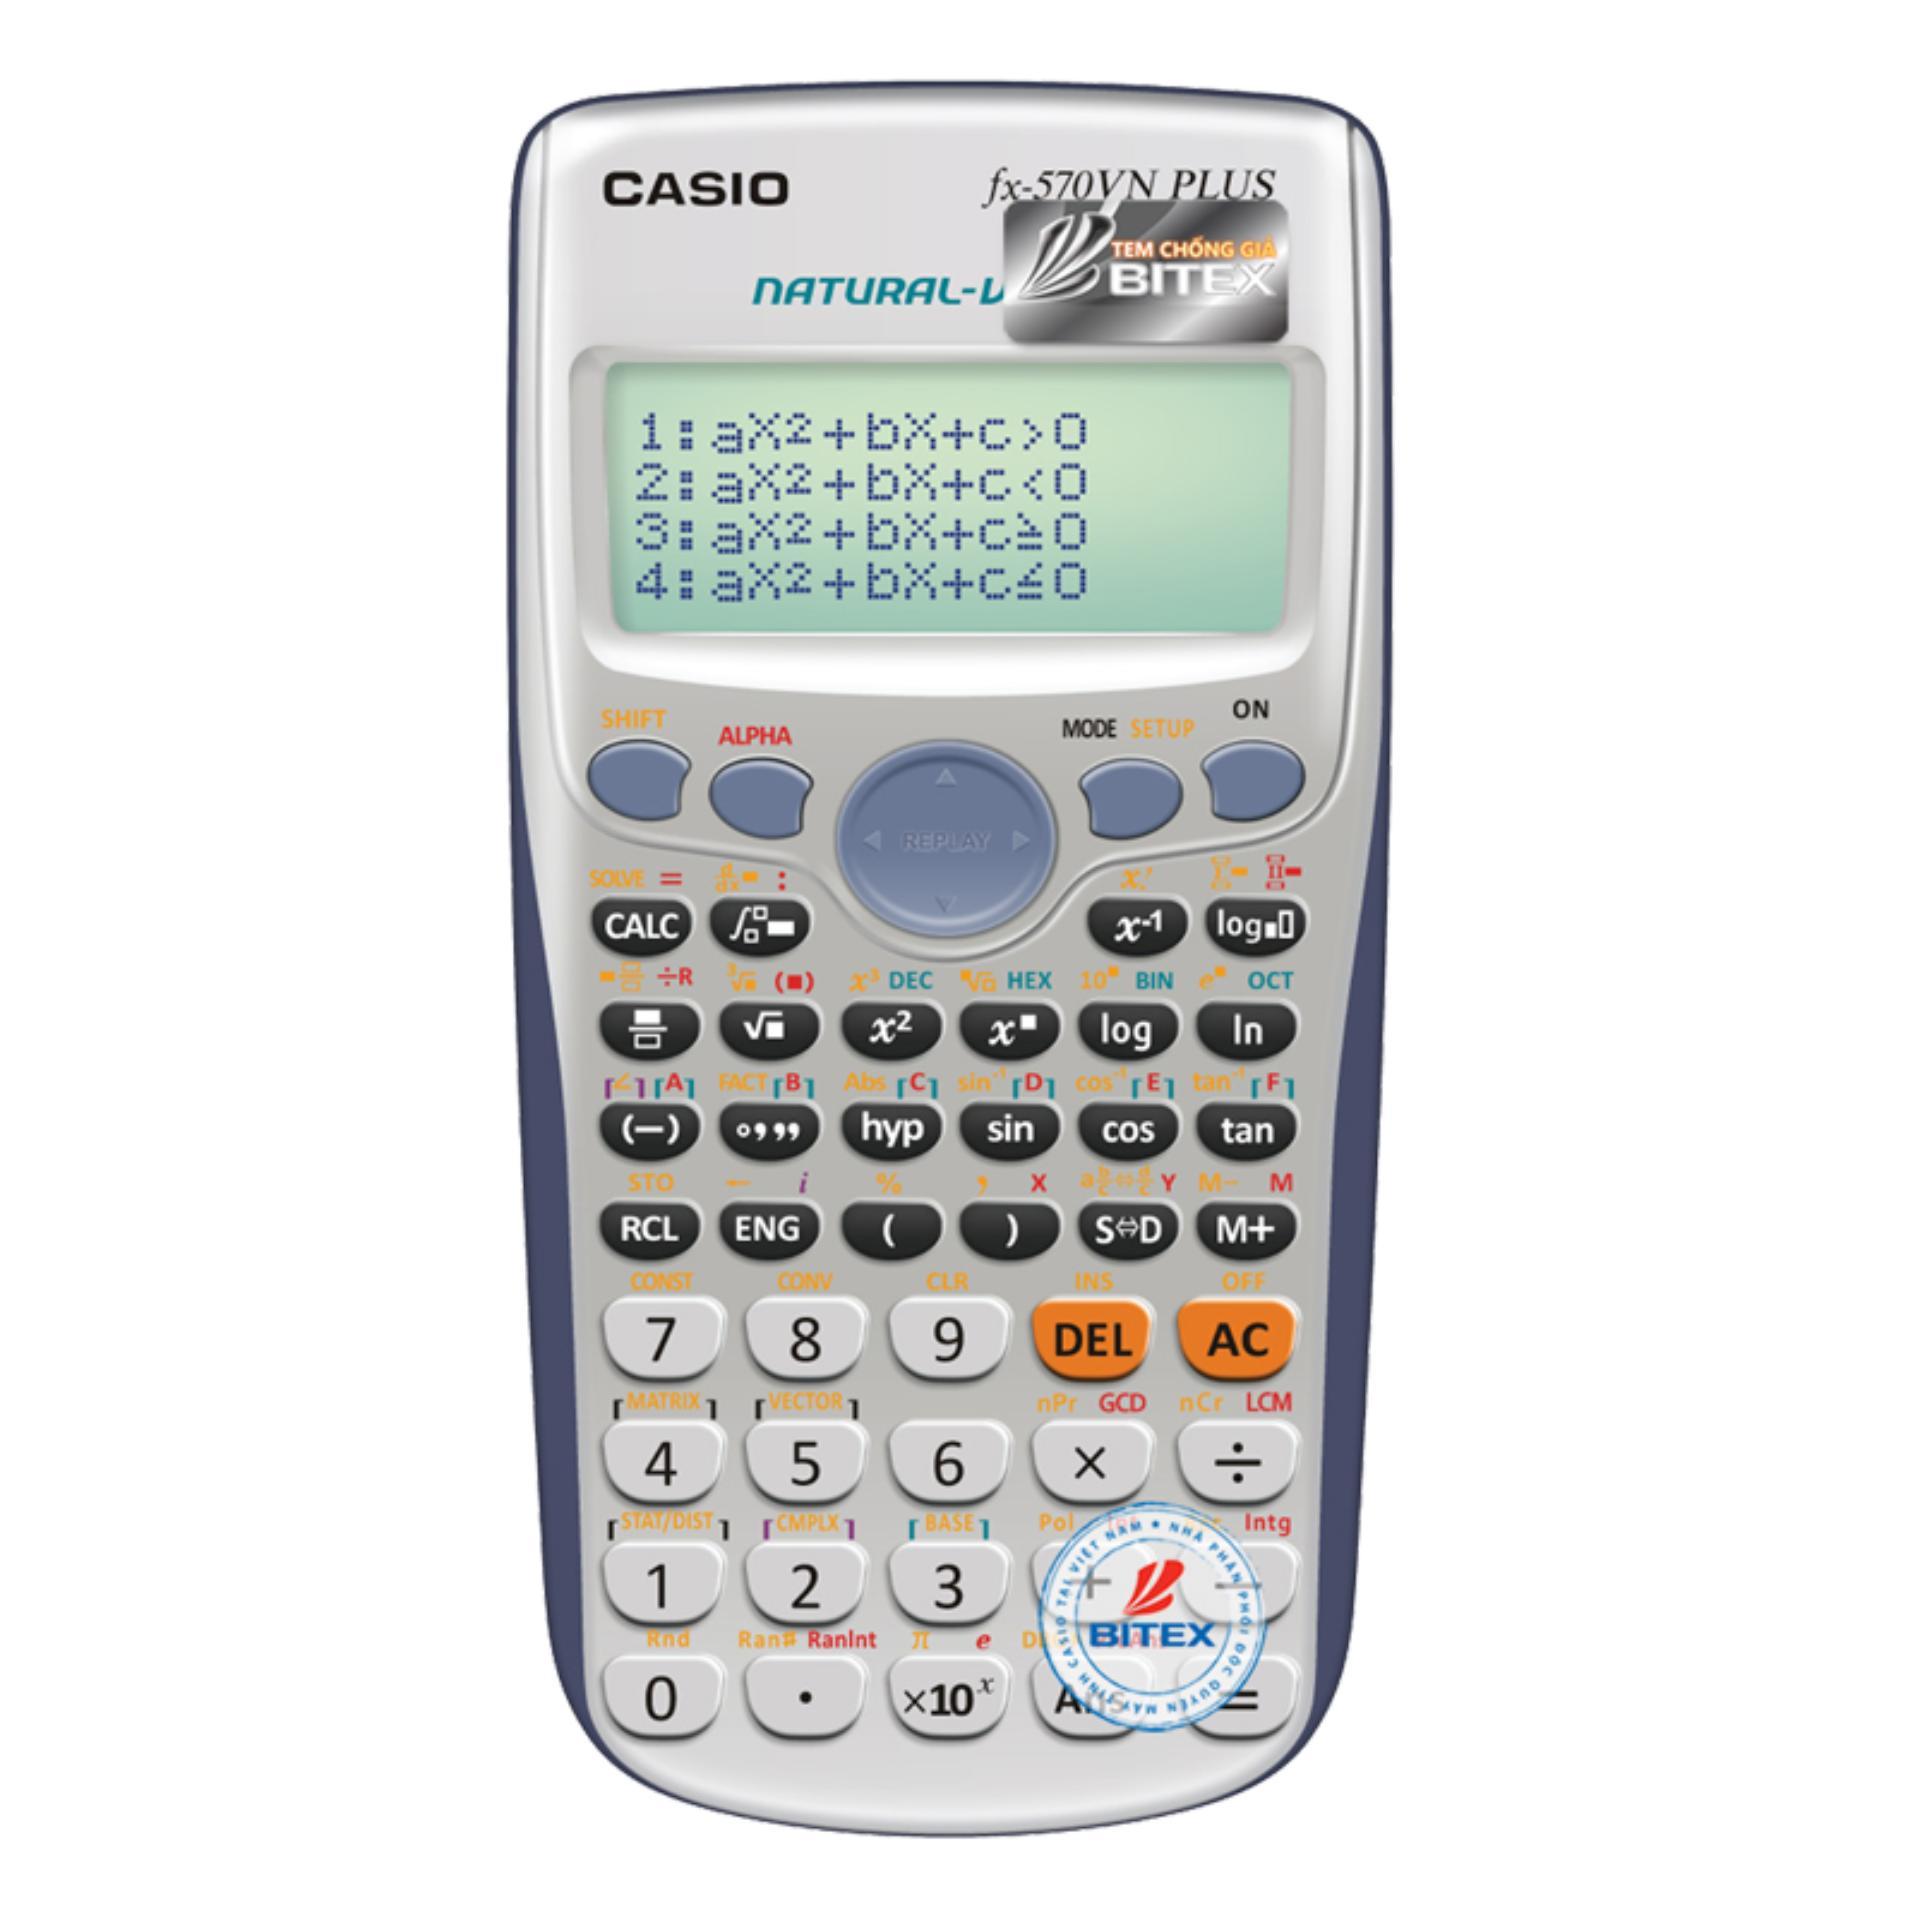 Mua [Tặng 1 hộp bút ]Máy Tính CASIO FX-570VN PLUS